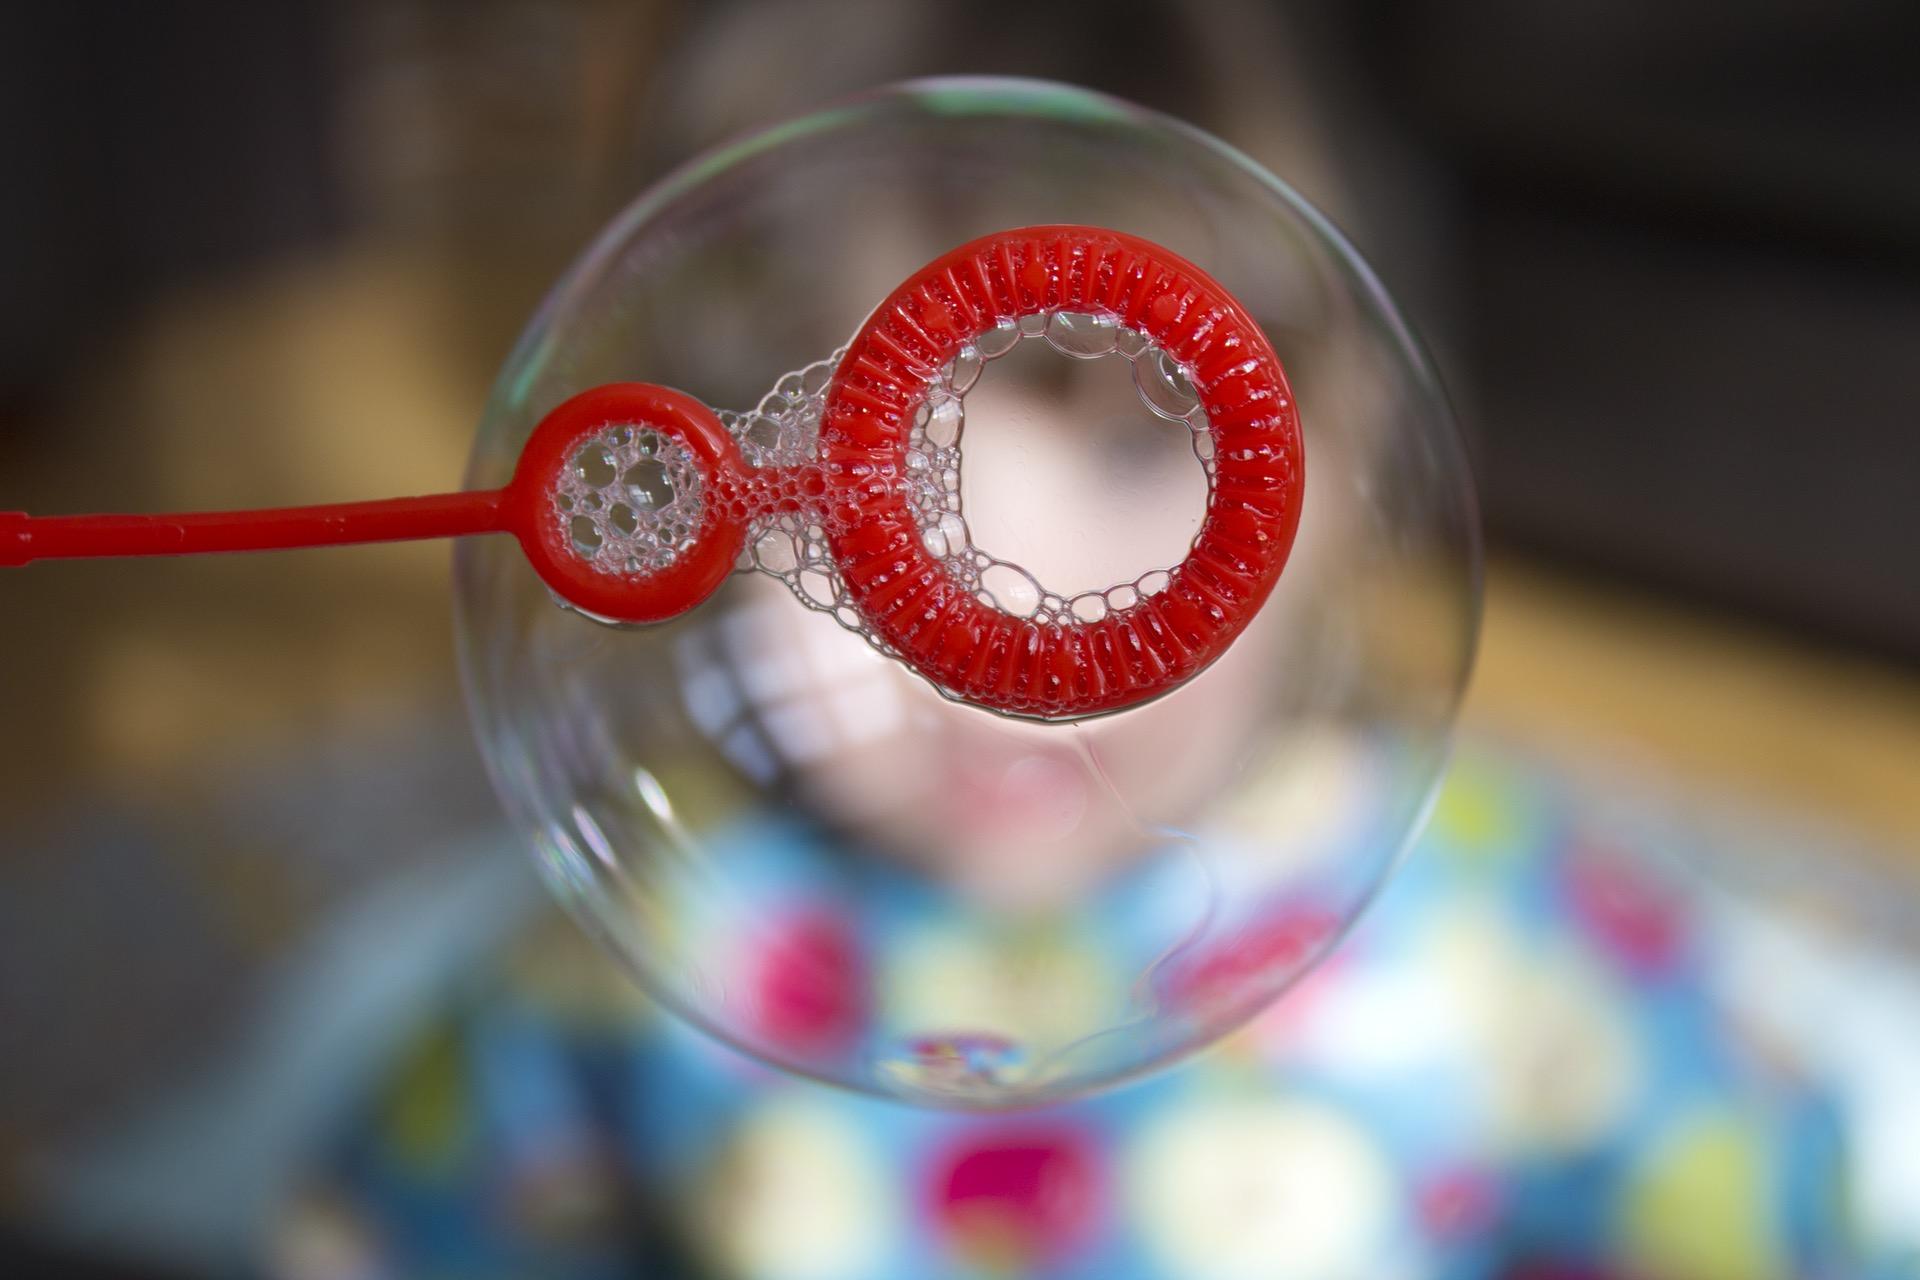 soap-bubble-bubble-playing-child-51339.jpeg